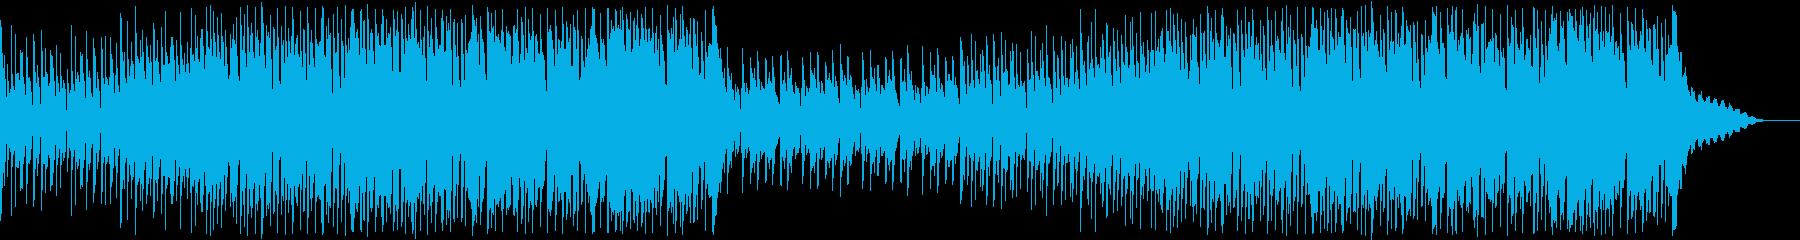 爽やかで躍動感のあるトロピカルハウスの再生済みの波形